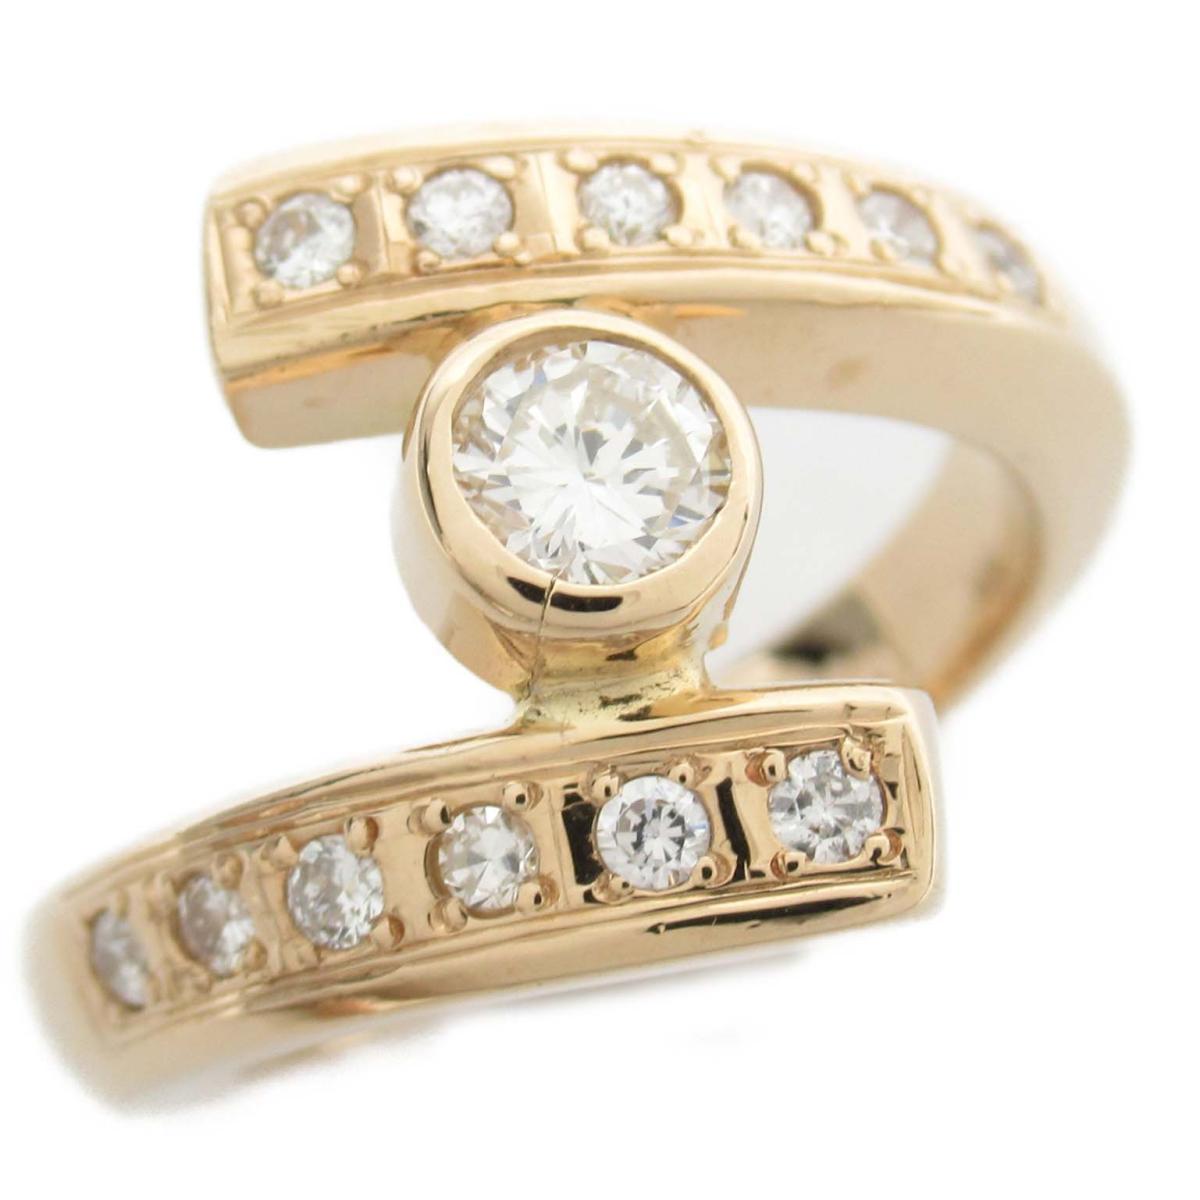 ジュエリー ダイヤモンド リング 指輪 ノーブランドジュエリー レディース 18Kイエローゴールド x ダイヤモンド0.32 0.30ct 【中古】 | JEWELRY BRANDOFF ブランドオフ アクセサリー